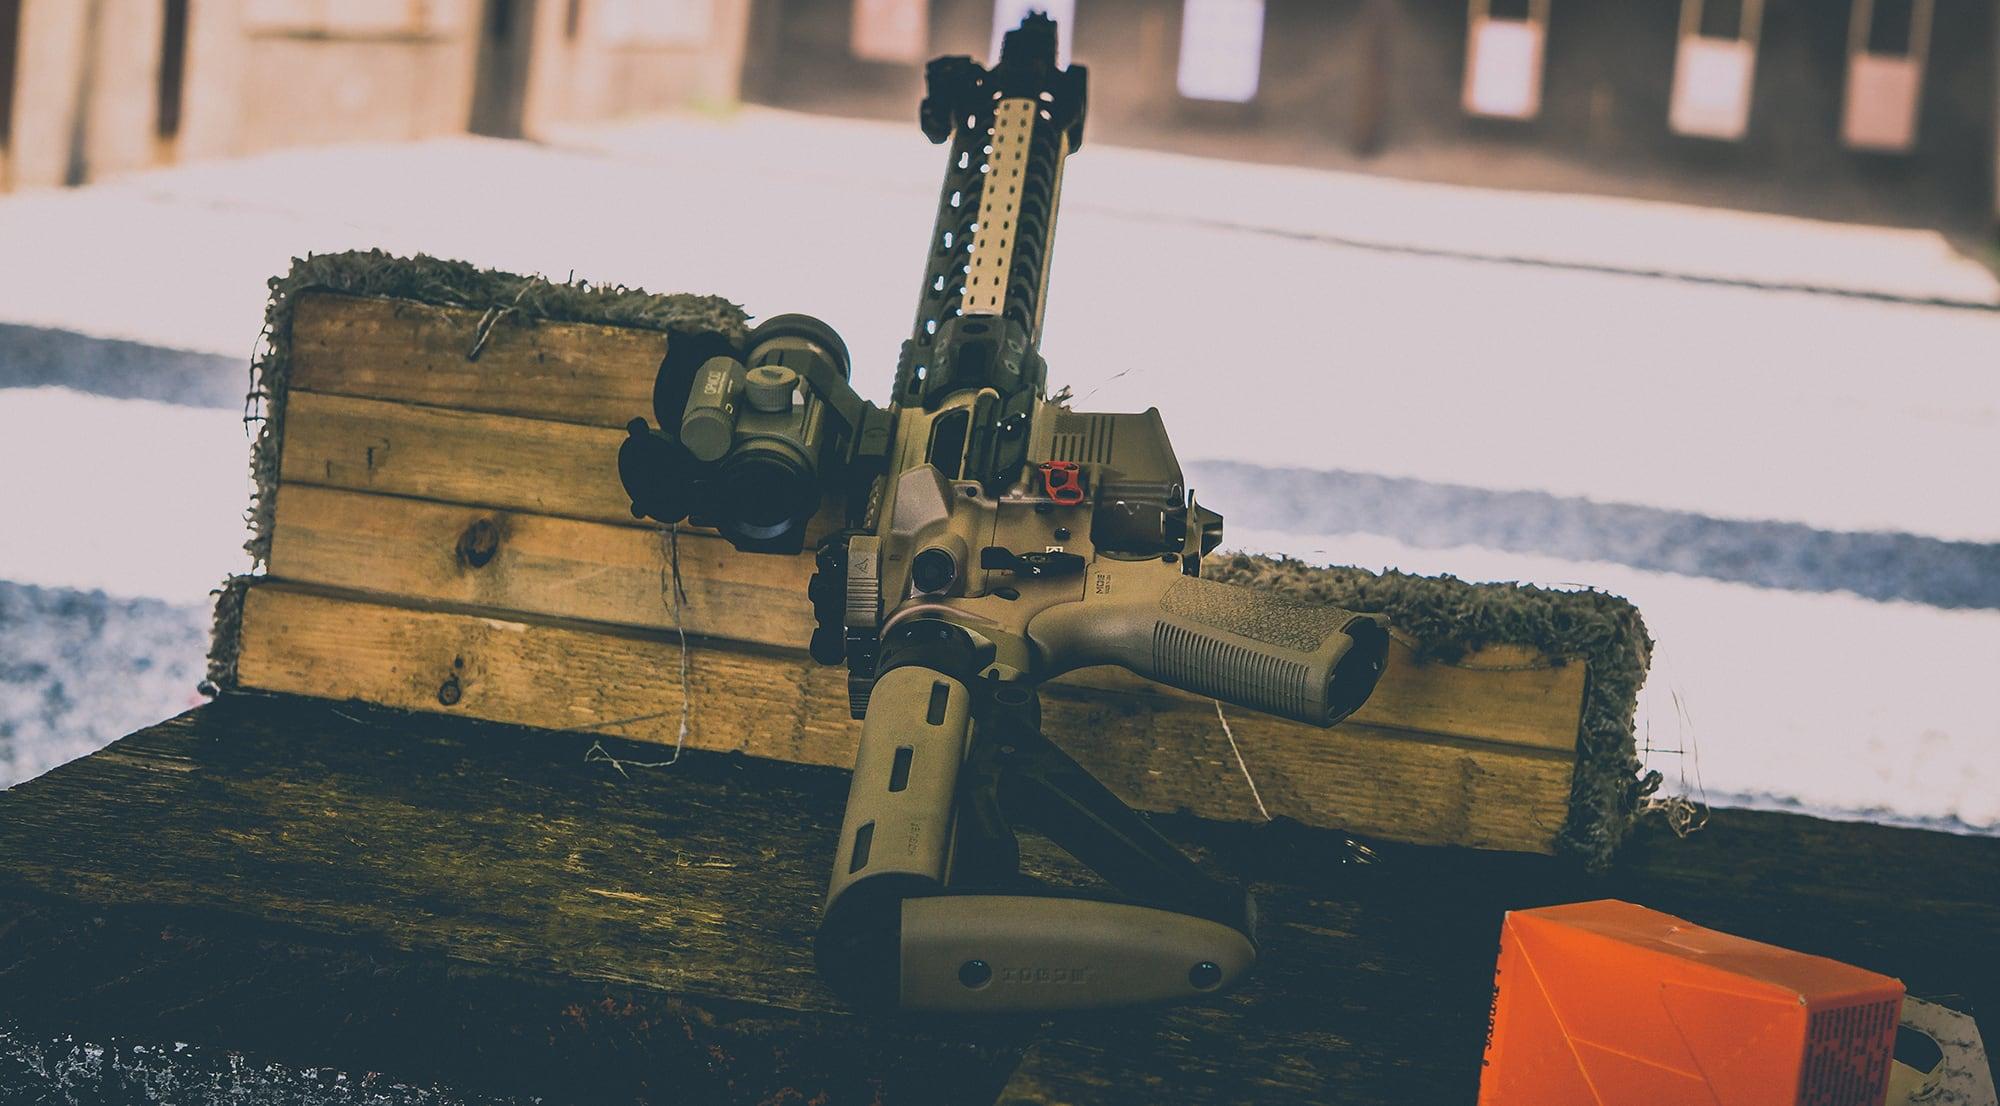 How to Build an AR-15